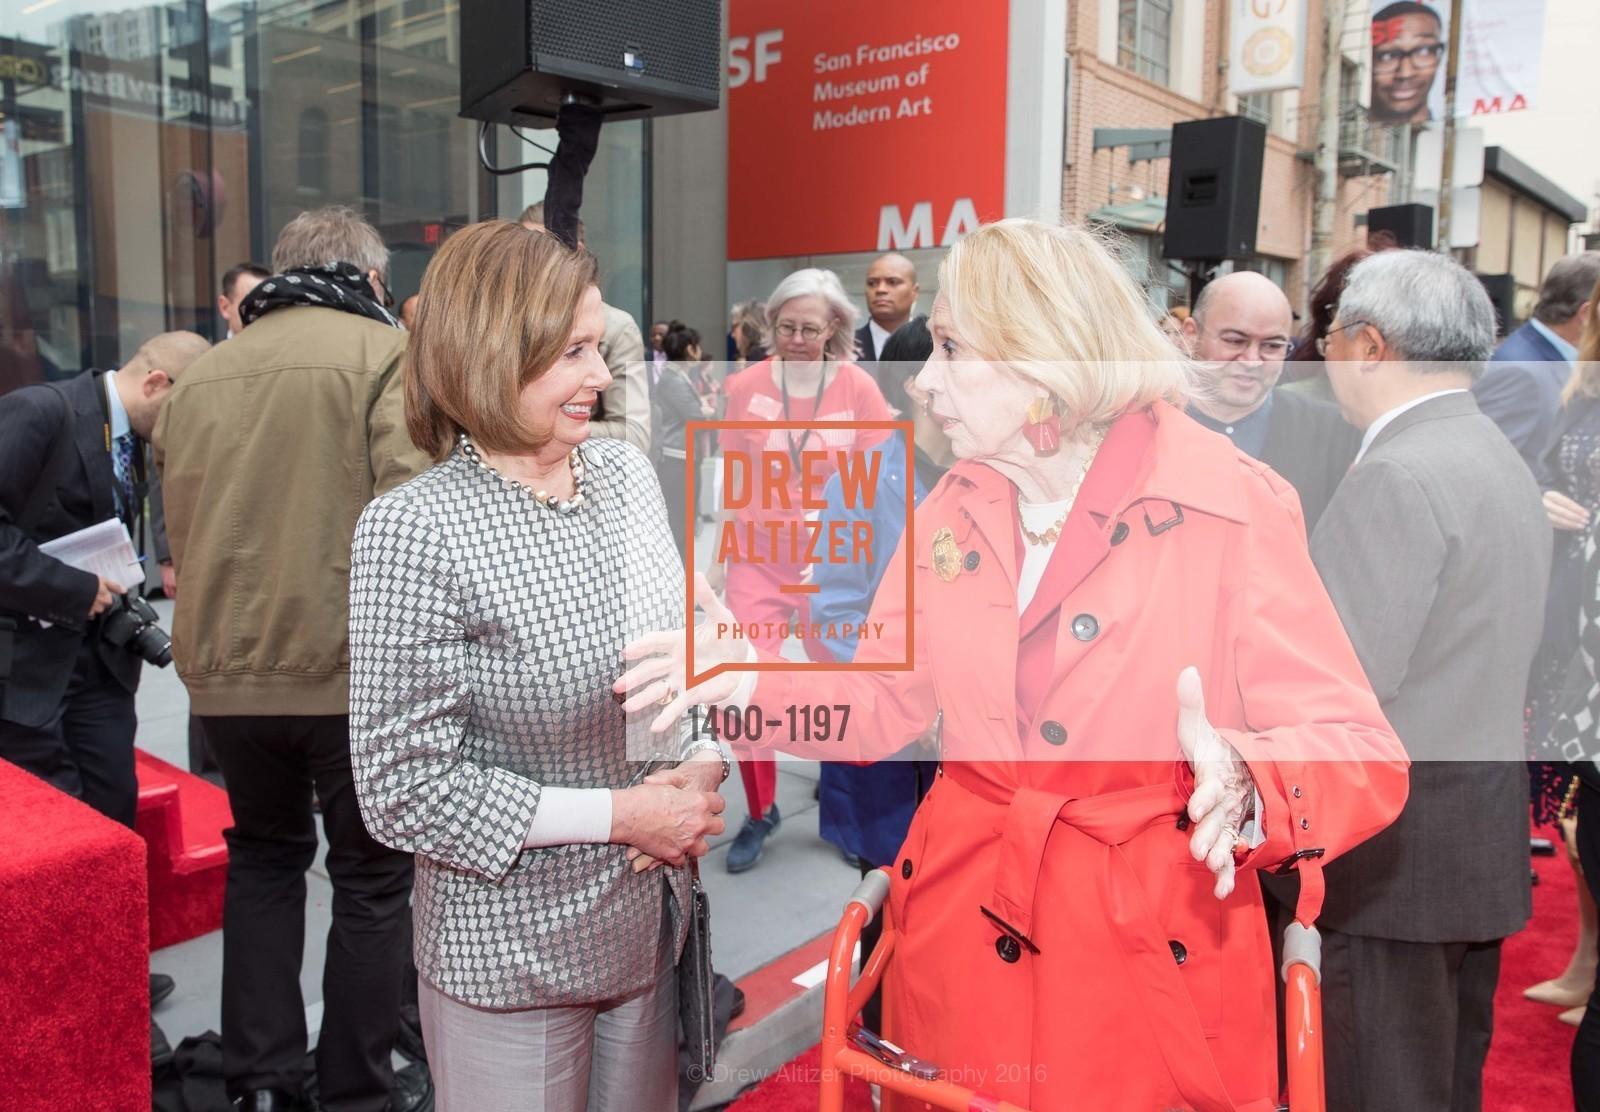 Nancy Pelosi, Charlotte Shultz, Photo #1400-1197